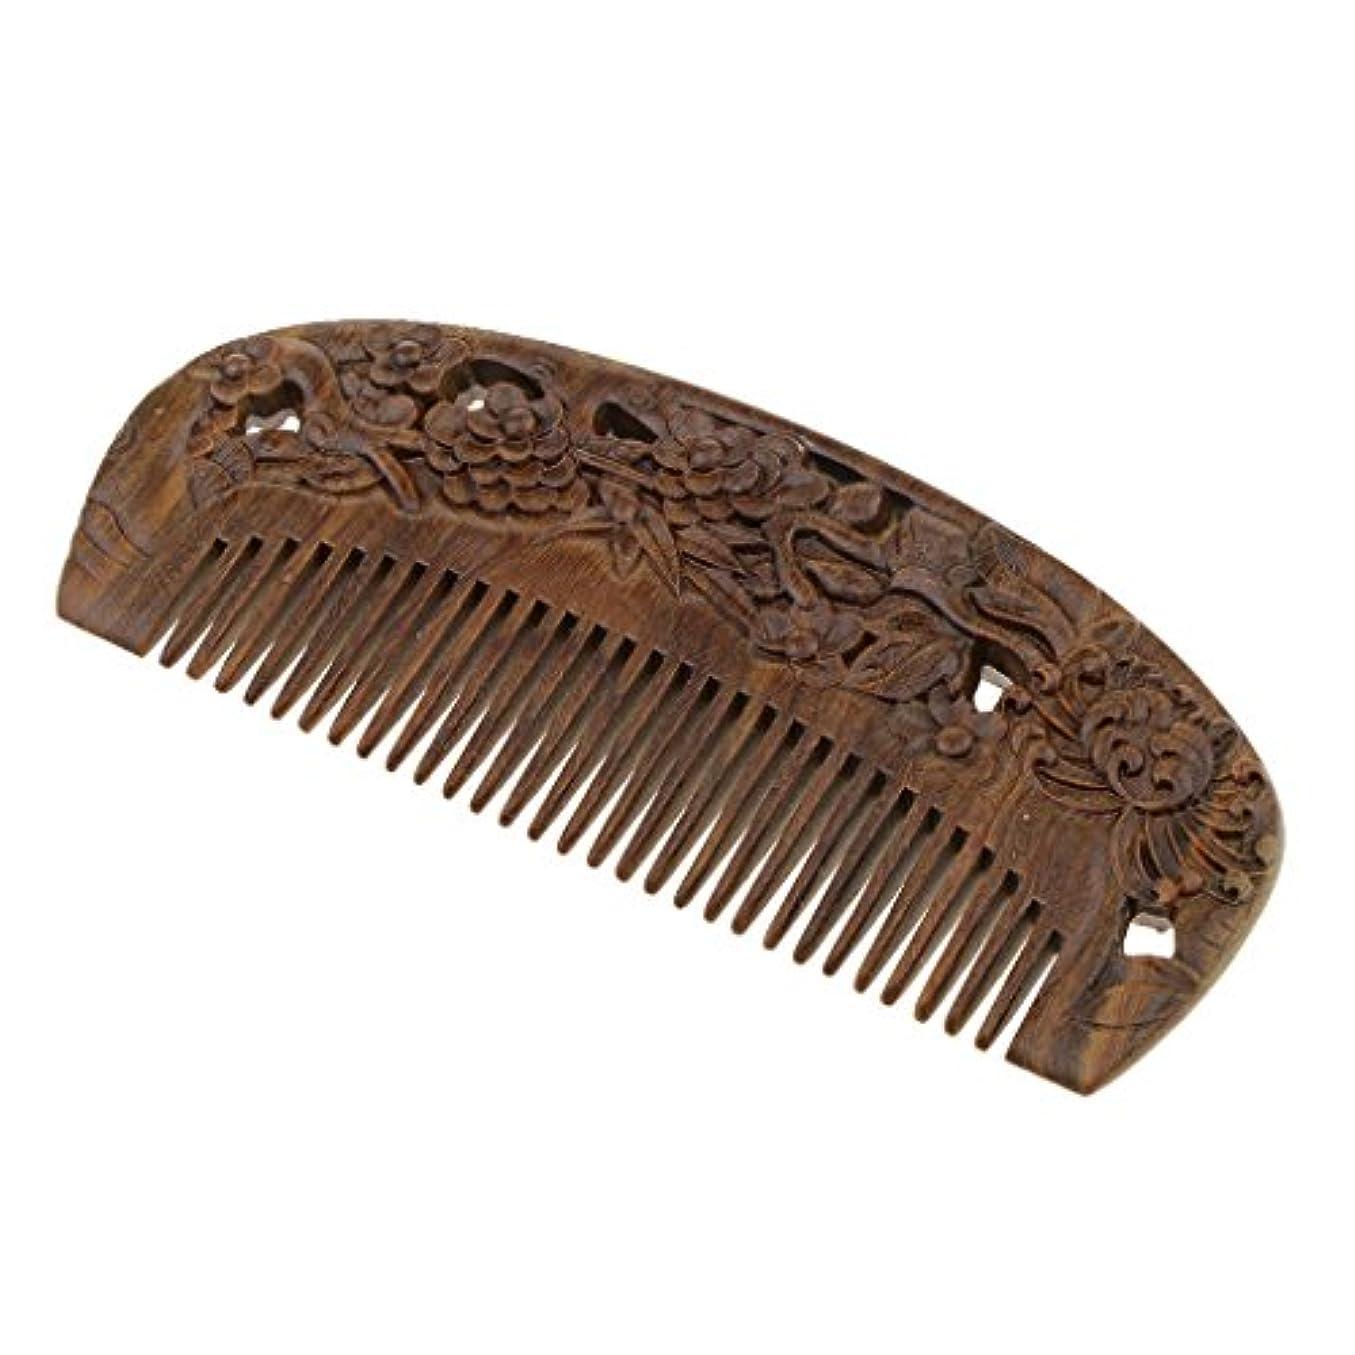 パキスタンクレーター僕のT TOOYFUL 木製櫛 木製コーム ウッドコーム ワイド歯 ヘアブラシ 頭皮マッサージ 静電防止 全2種類 - #2